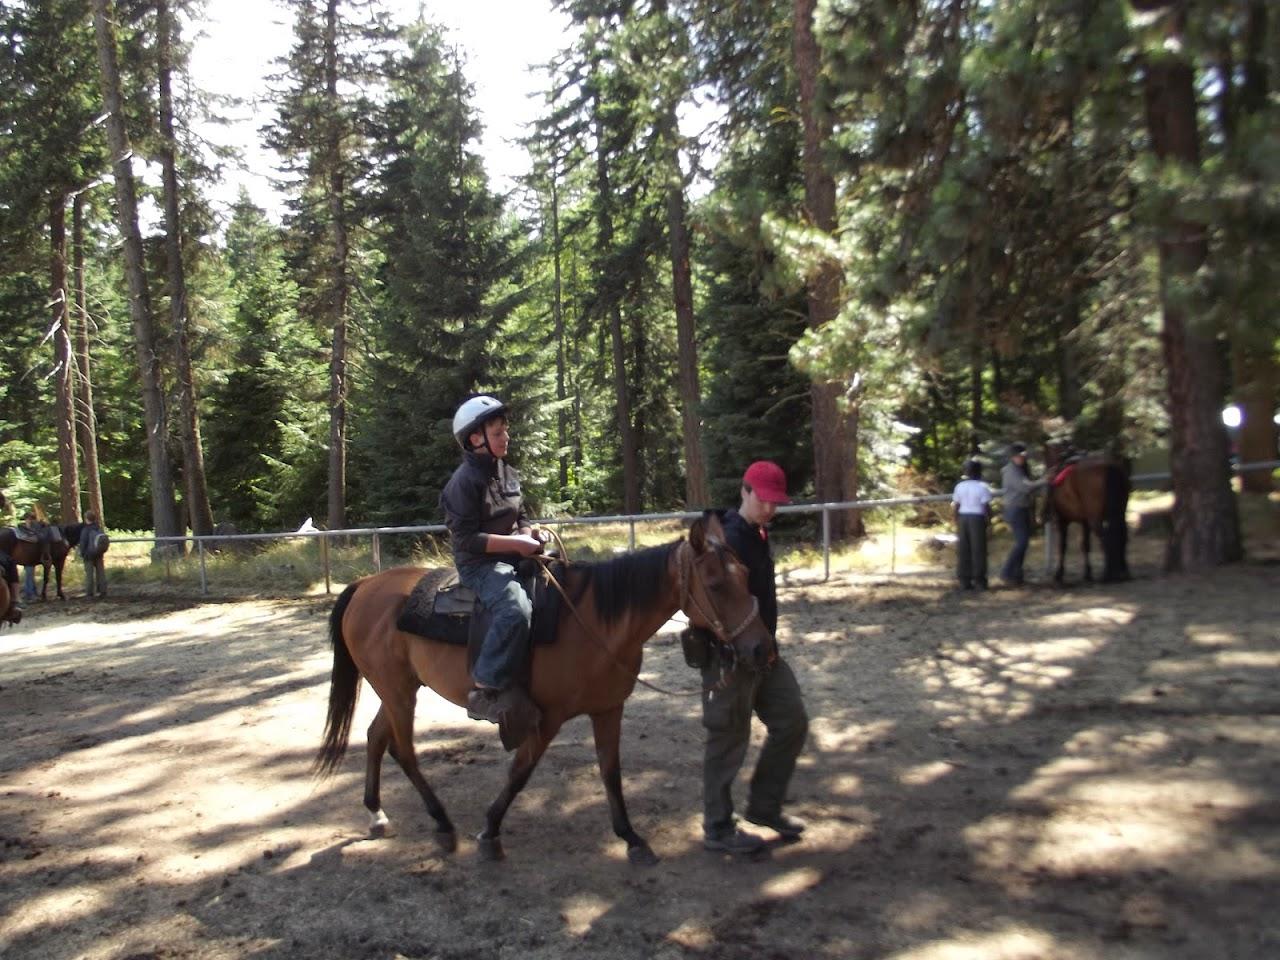 Camp Baldwin 2014 - DSCF3683.JPG